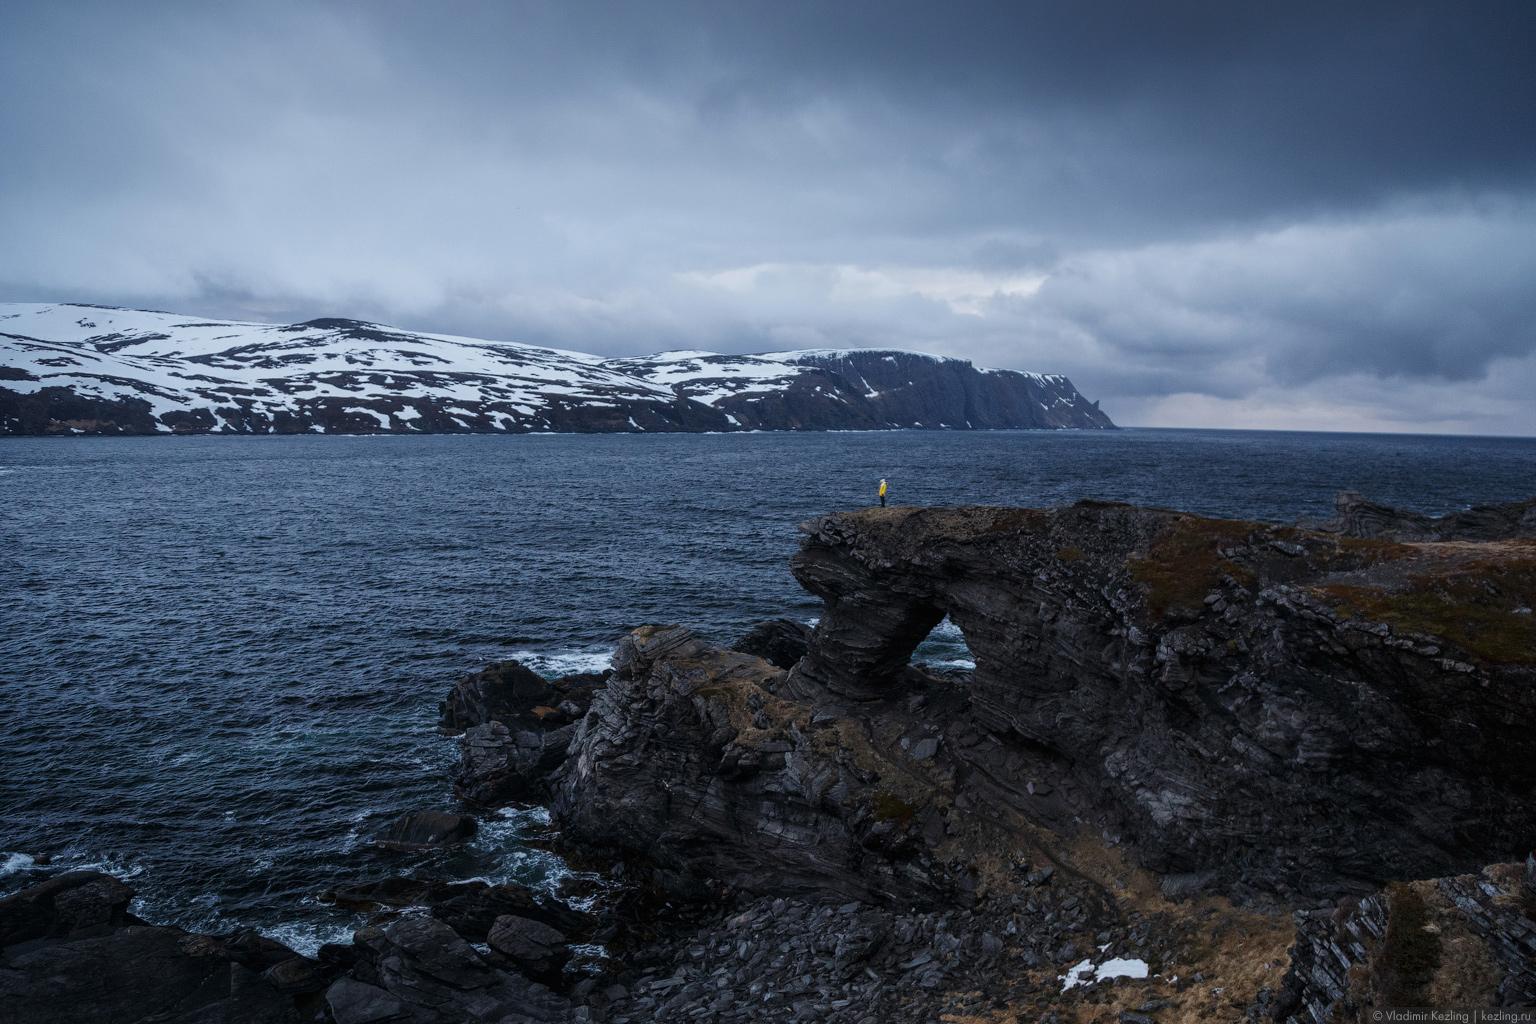 Идём на север! День 8. Киркепортен или Ода суровому очарованию Арктики